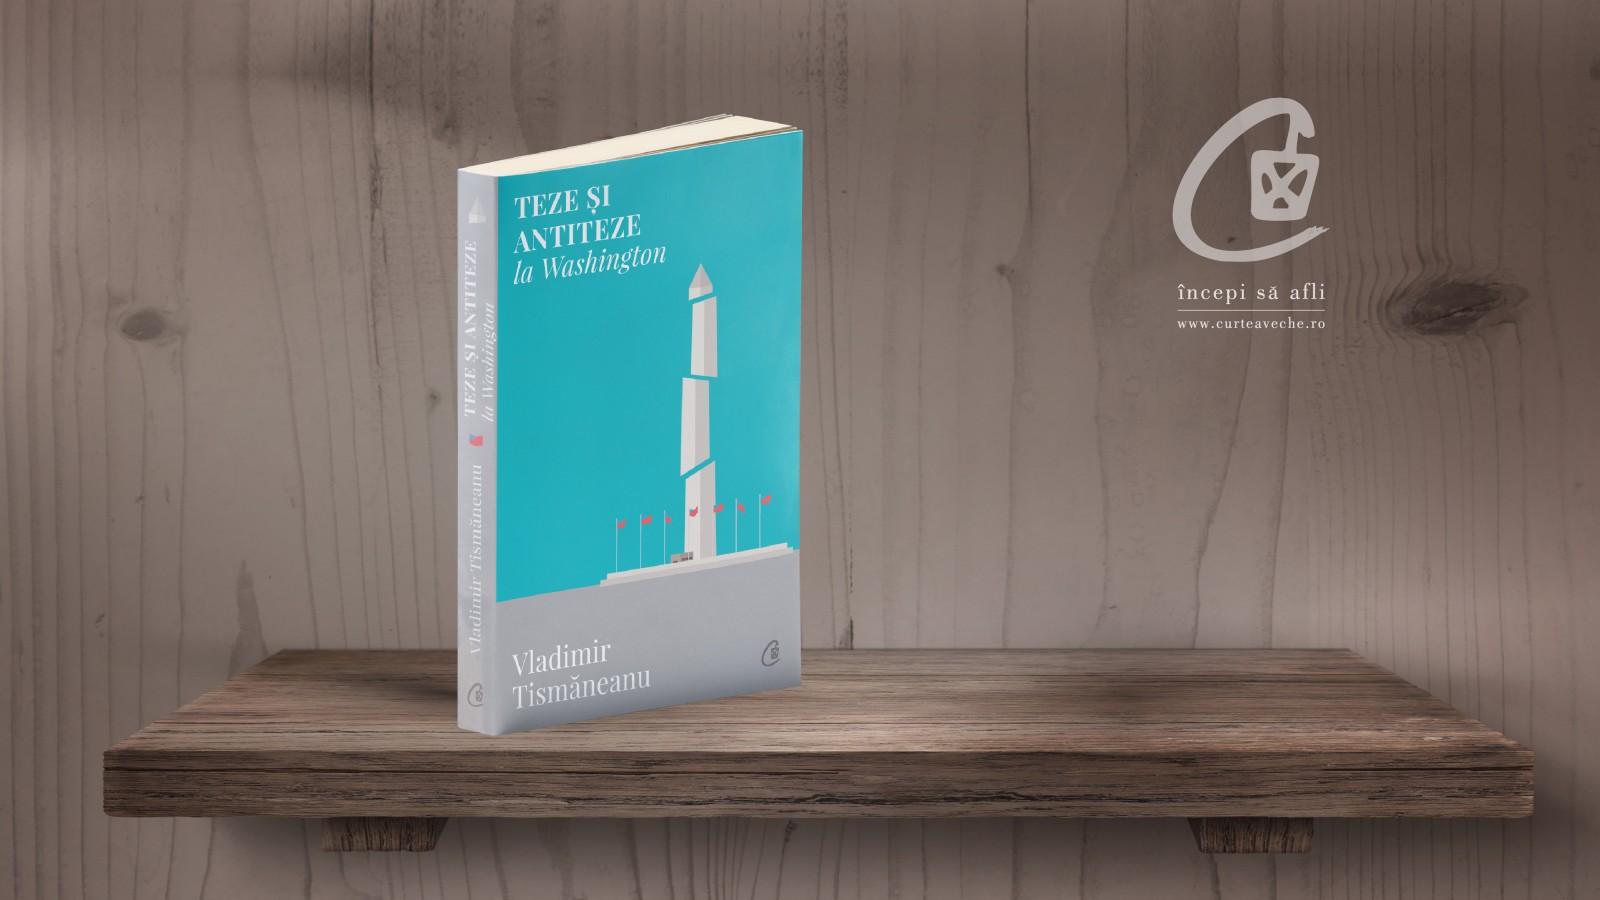 """Politologul Vladimir Tismăneanu lansează o nouă carte, """"Teze si antiteze la Washington"""""""